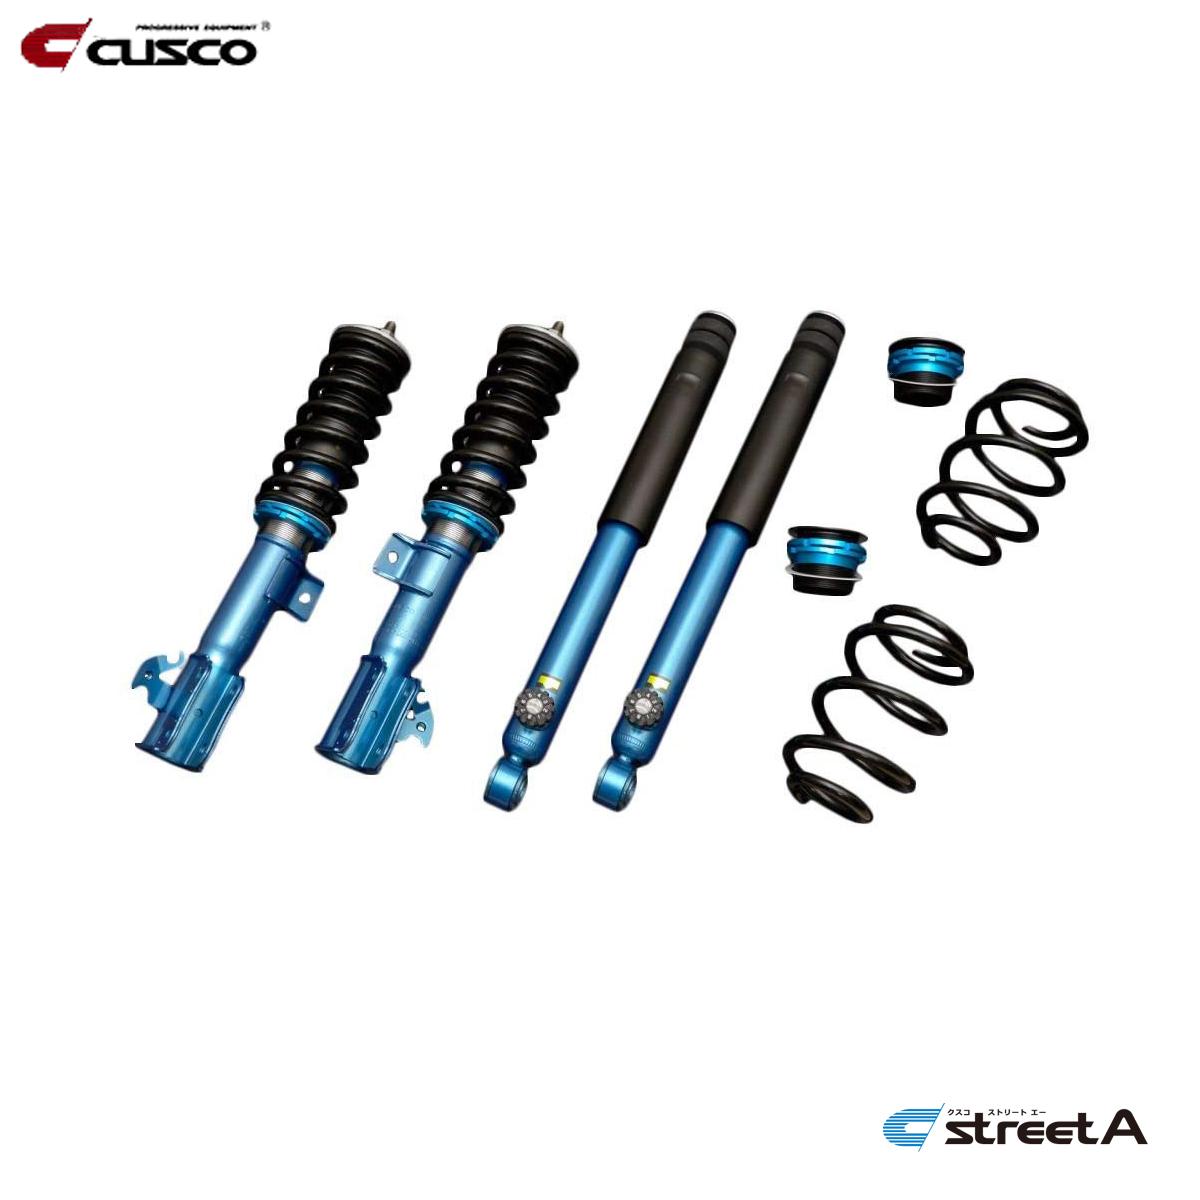 【信頼】 CUSCO クスコ 全長固定式 デミオ CUSCO DE3FS DE5FS DE5FS 車高調 全長固定式 438-62J-CBA, 【驚きの値段】:46470c3a --- easyacesynergy.com